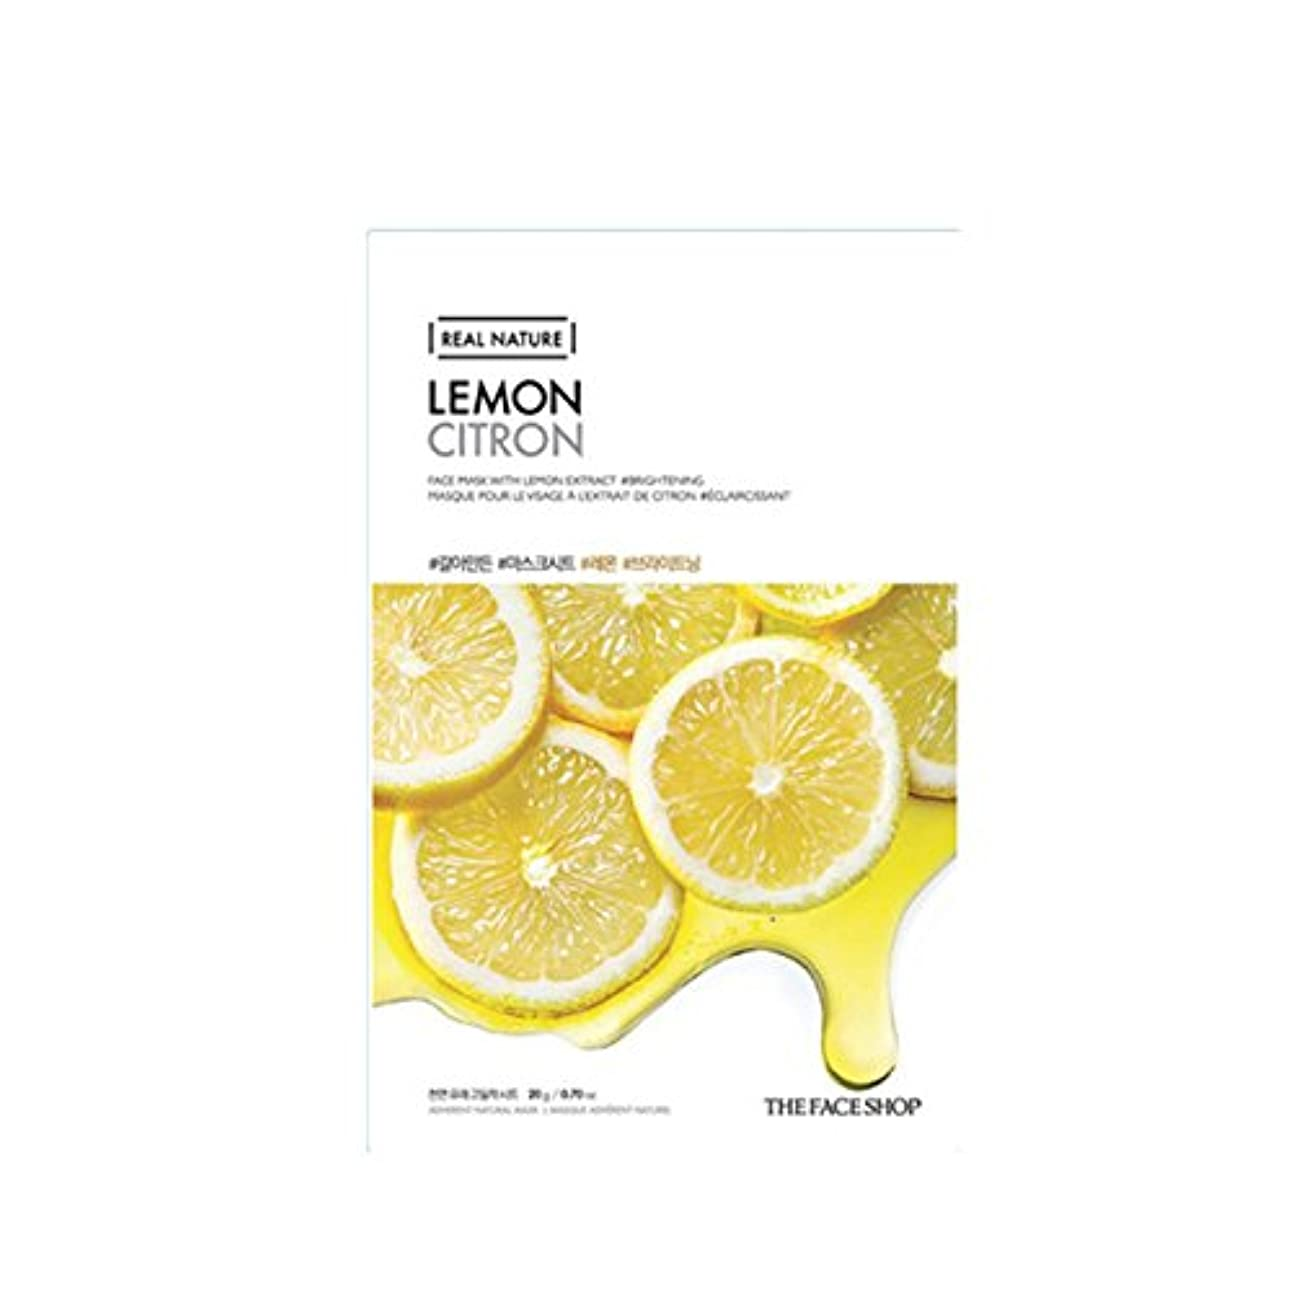 骨の折れる最終中に[The Face Shop] ザフェイスショップ リアルネイチャーマスクシート Real Nature Mask Sheet (Lemon (レモン) 10個) [並行輸入品]